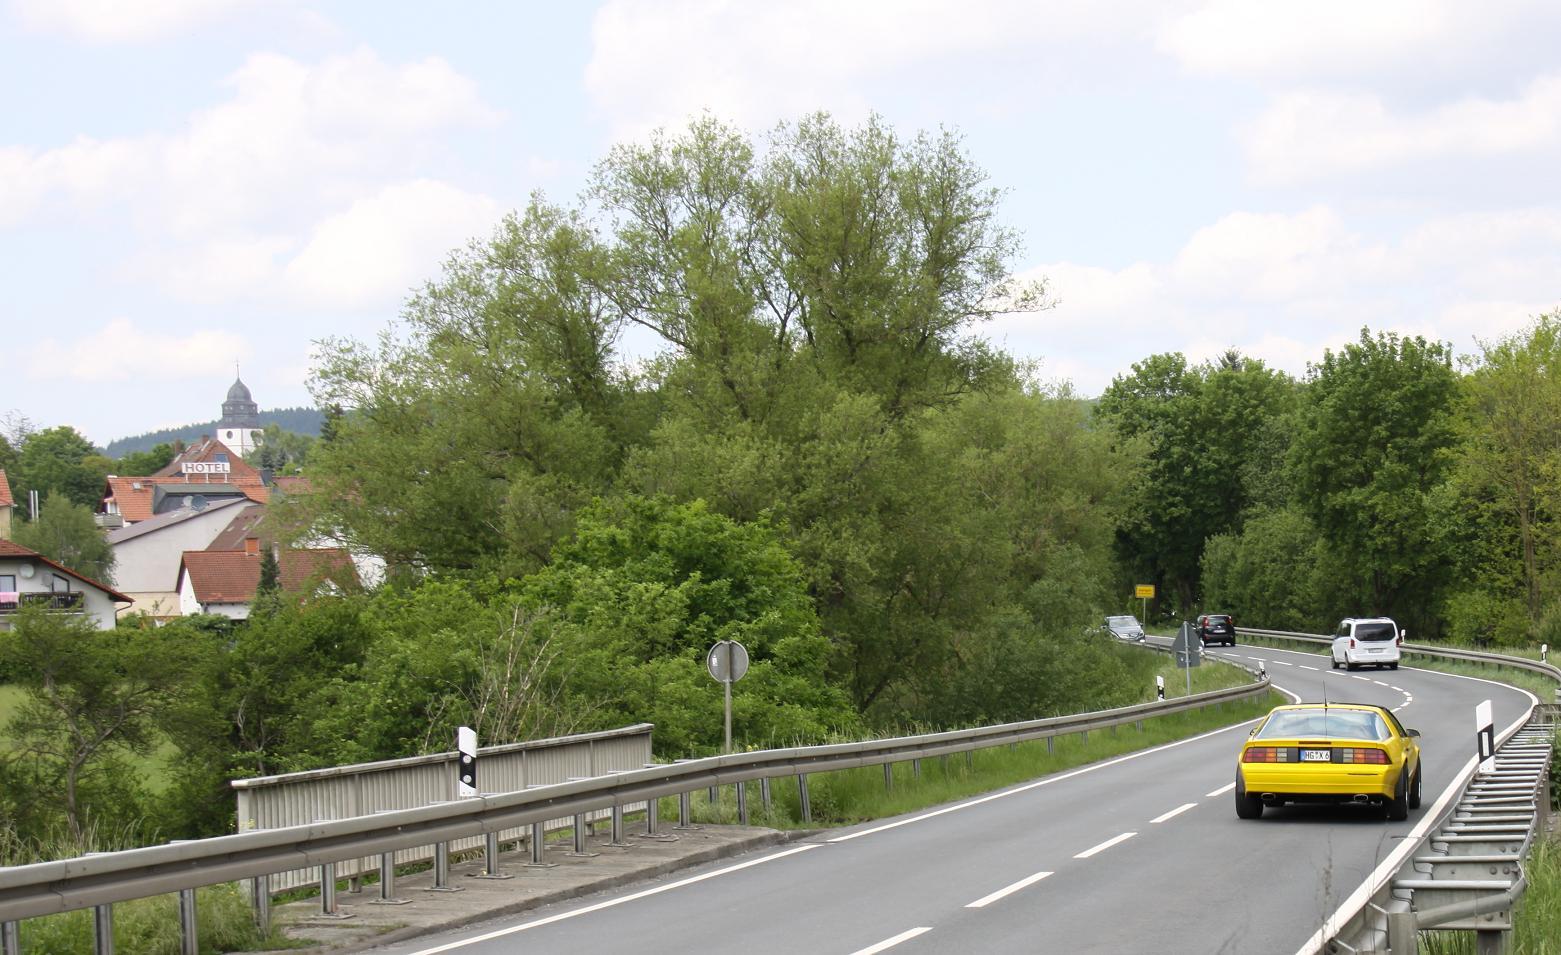 Der Camaro etwa hundert Meter vor der Eingangskontrolle. Weiter vorne wird der Kirchturm von Bäumen verdeckt.